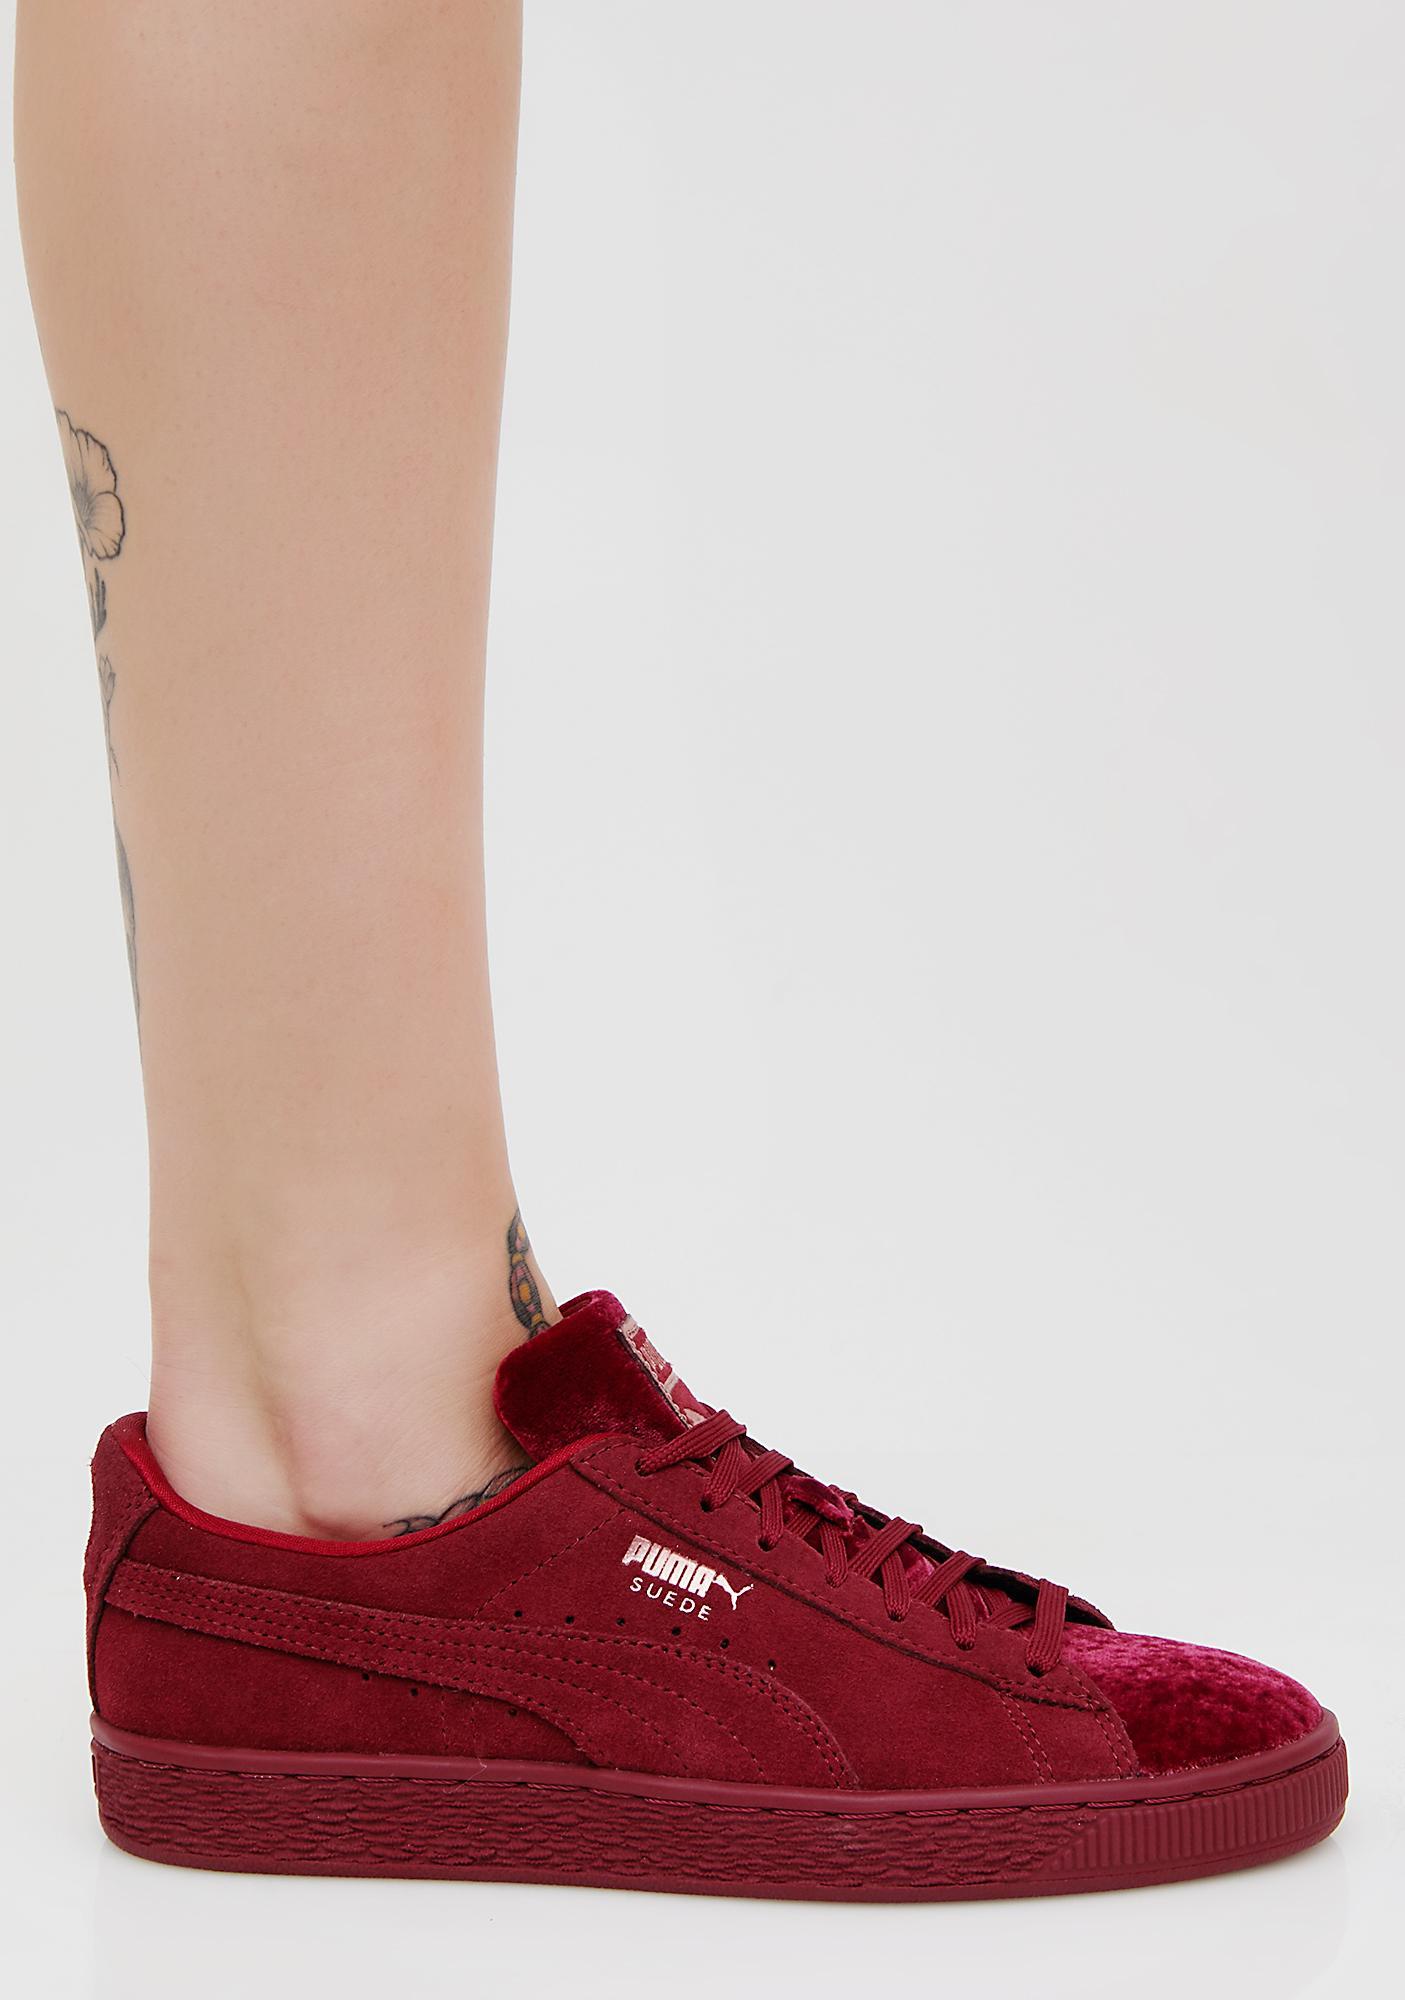 PUMA Suede Classic Velvet Sneakers